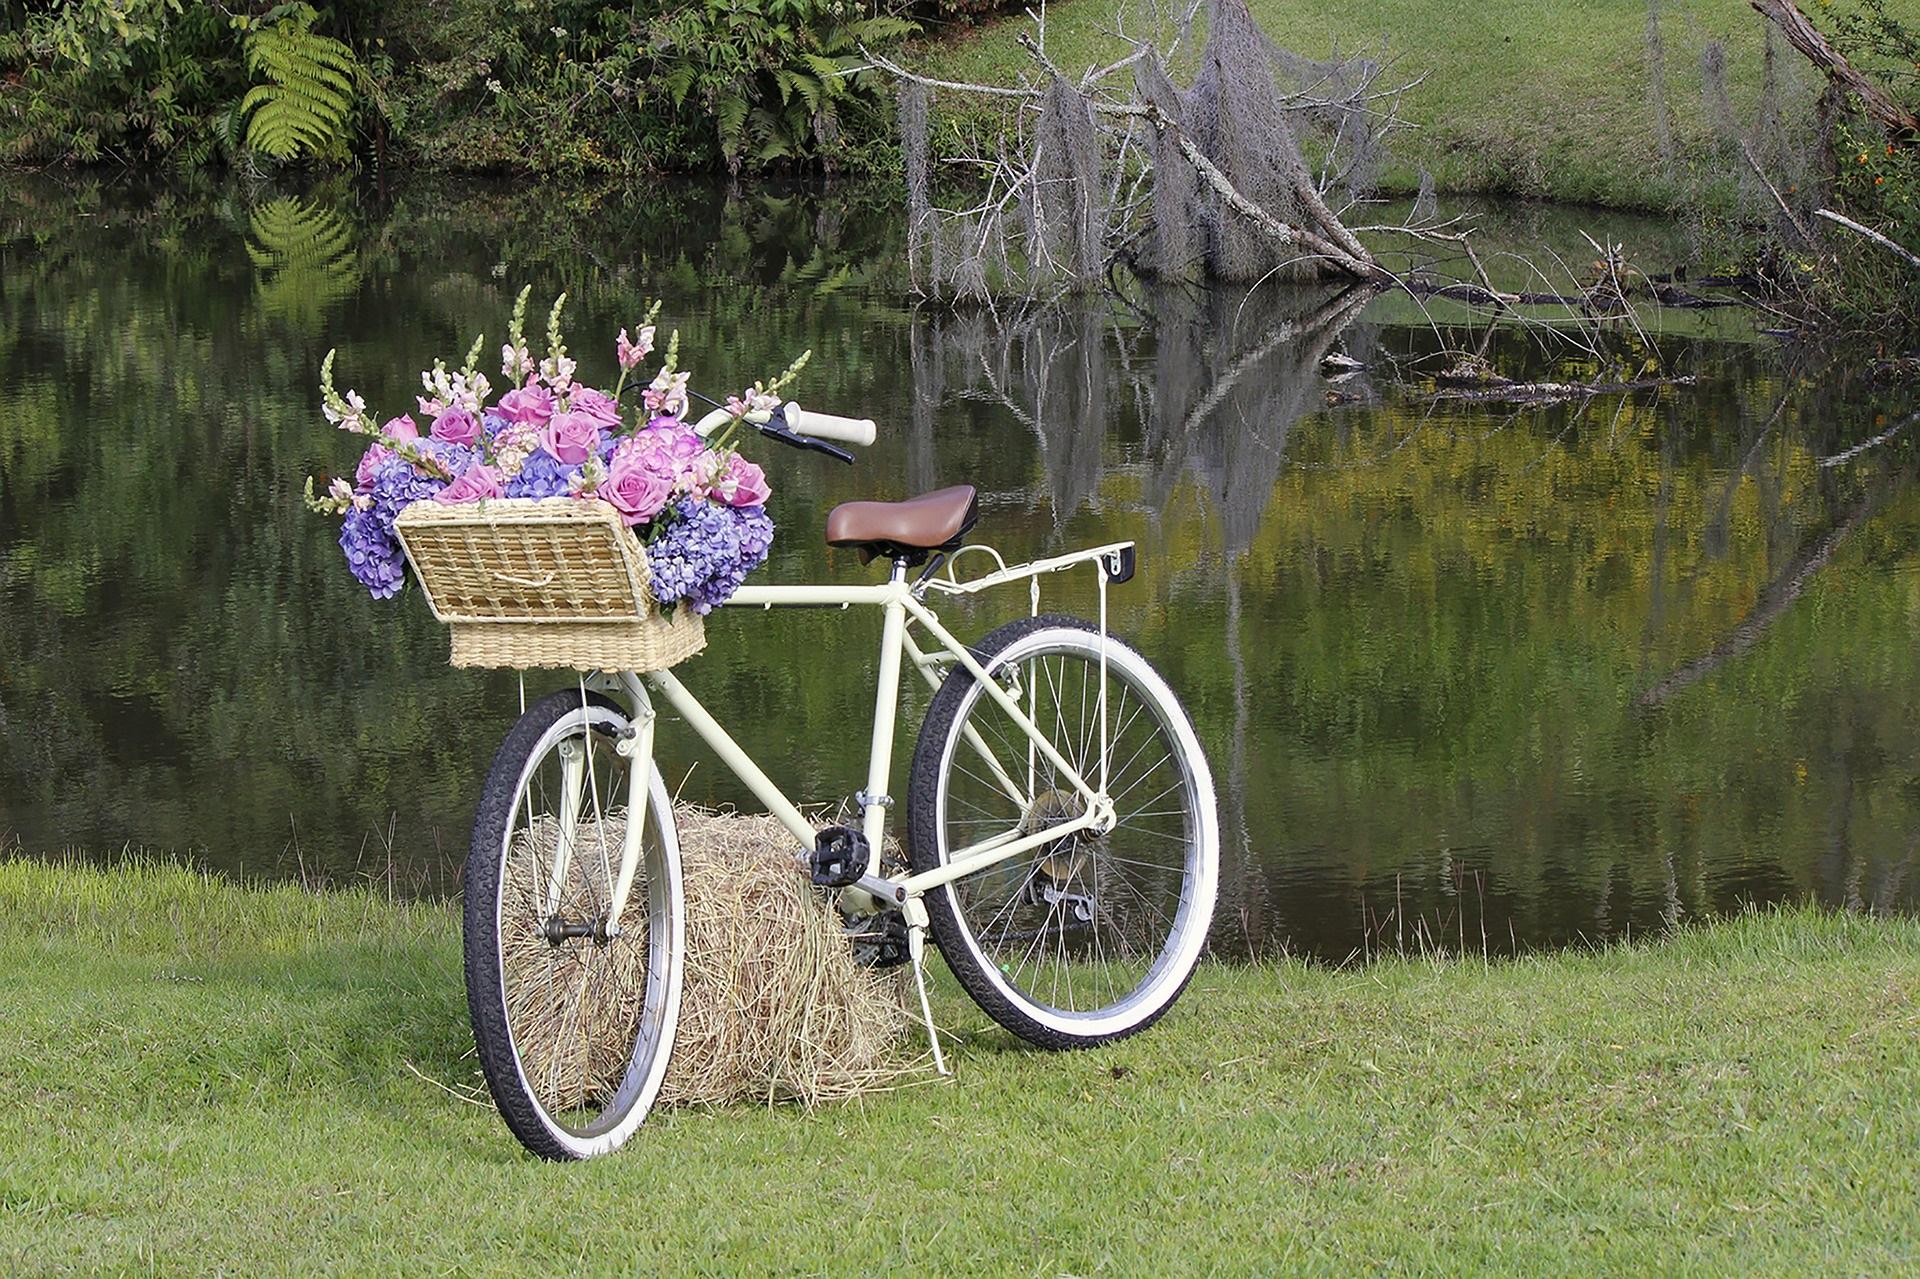 Vintagestil durch geschmückte, alte Fahrräder - Trends 2019